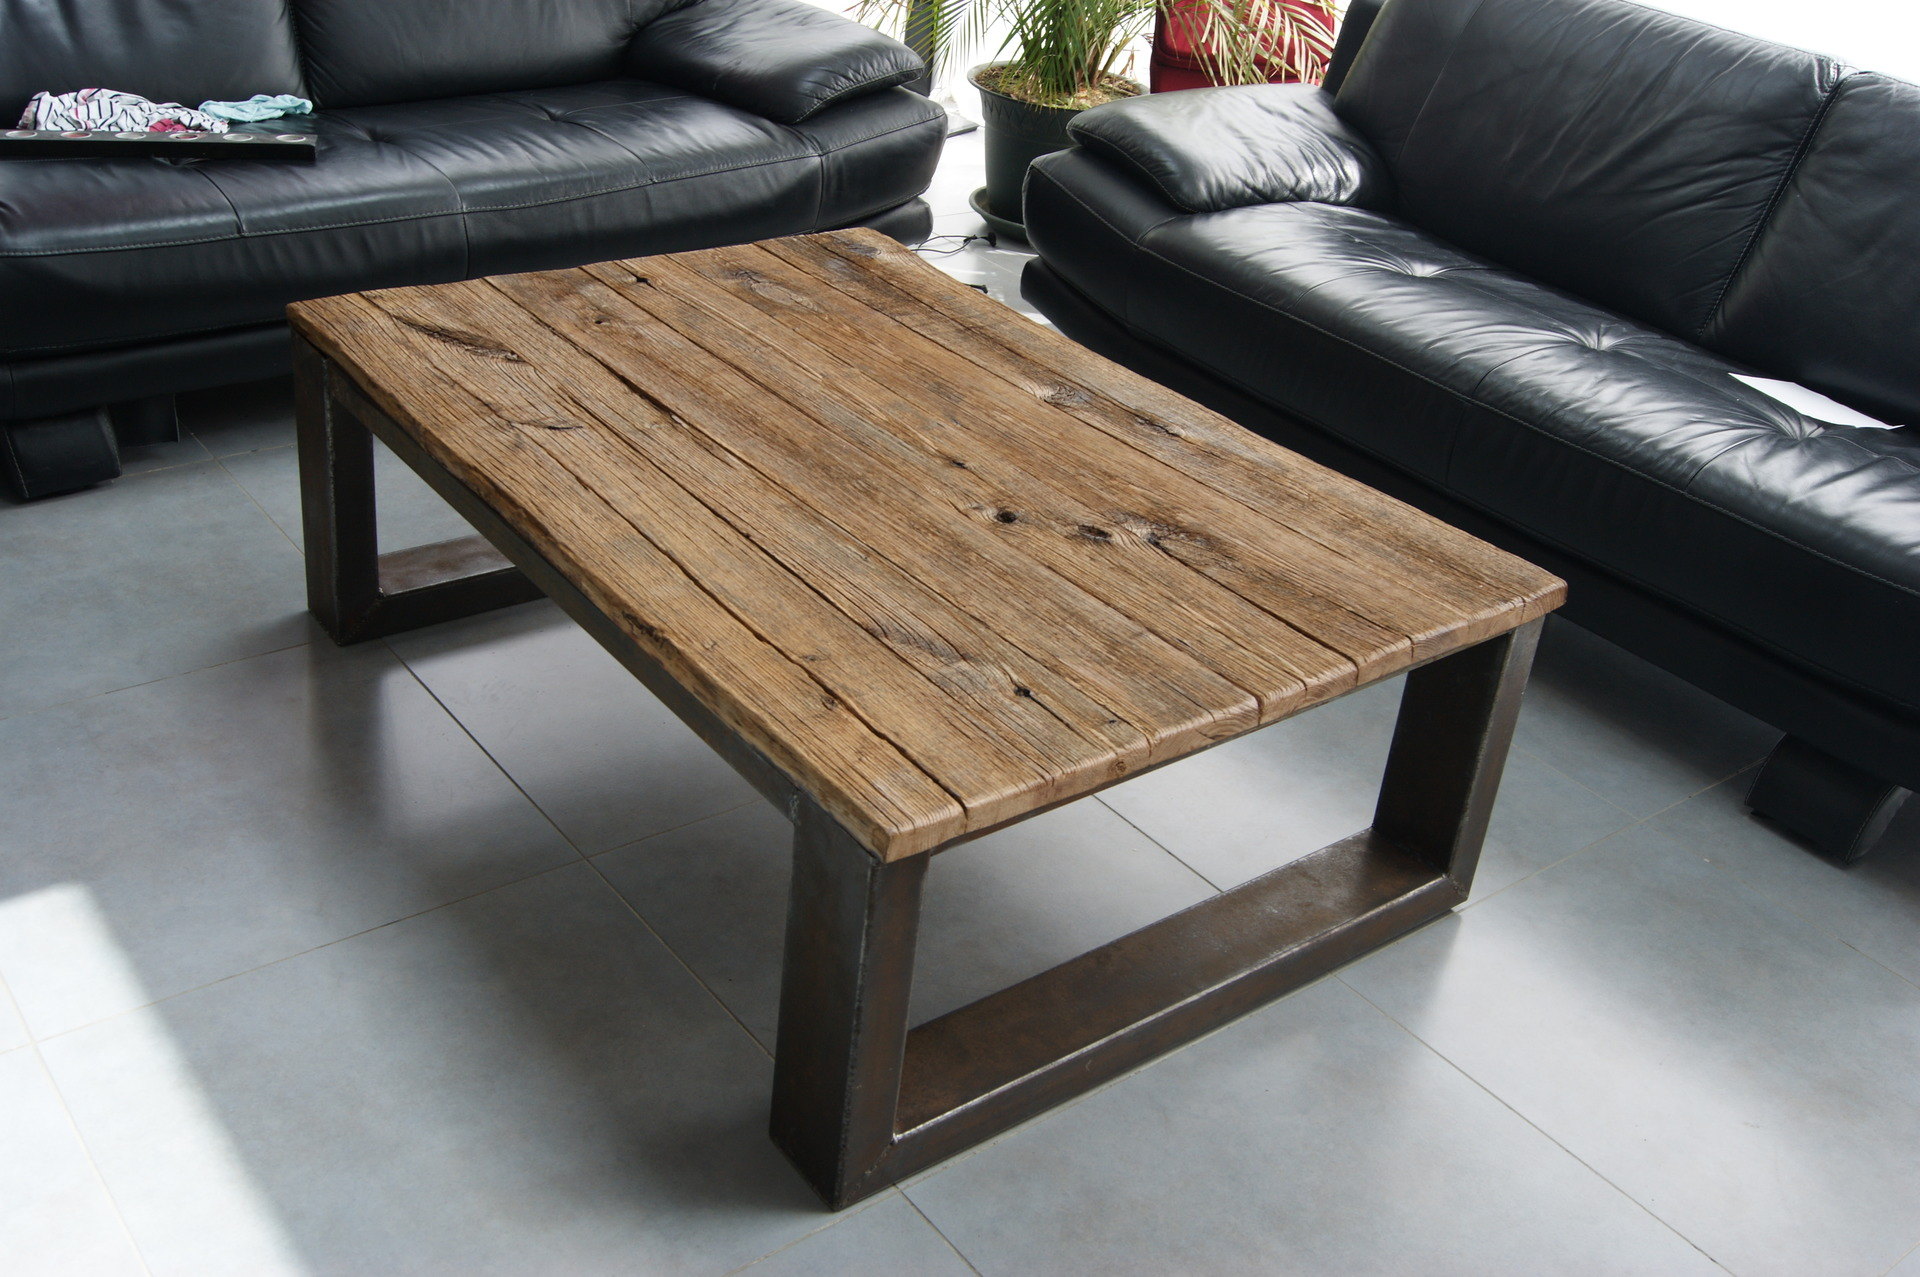 Fabriquer Une Table Basse En Bois.Planche Bois Pour Table Basse Boutique Gain De Place Fr